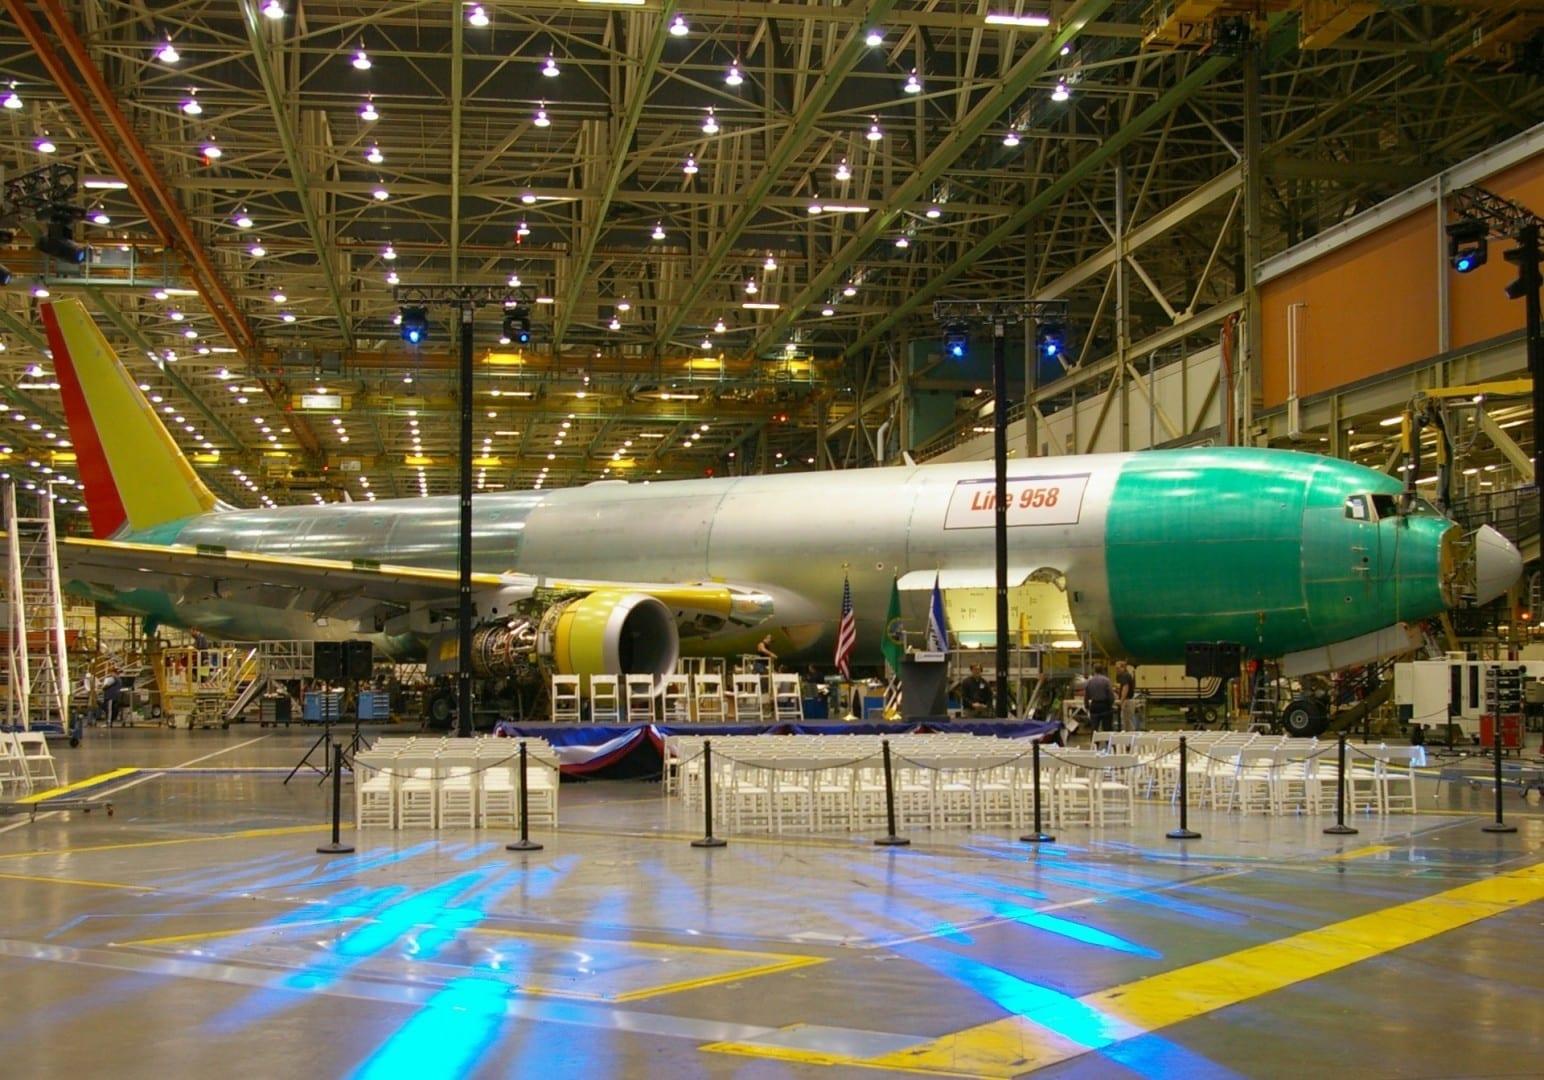 El Boeing 767 que se está construyendo en la fábrica de Boeing en Everett Everett WA Estados Unidos